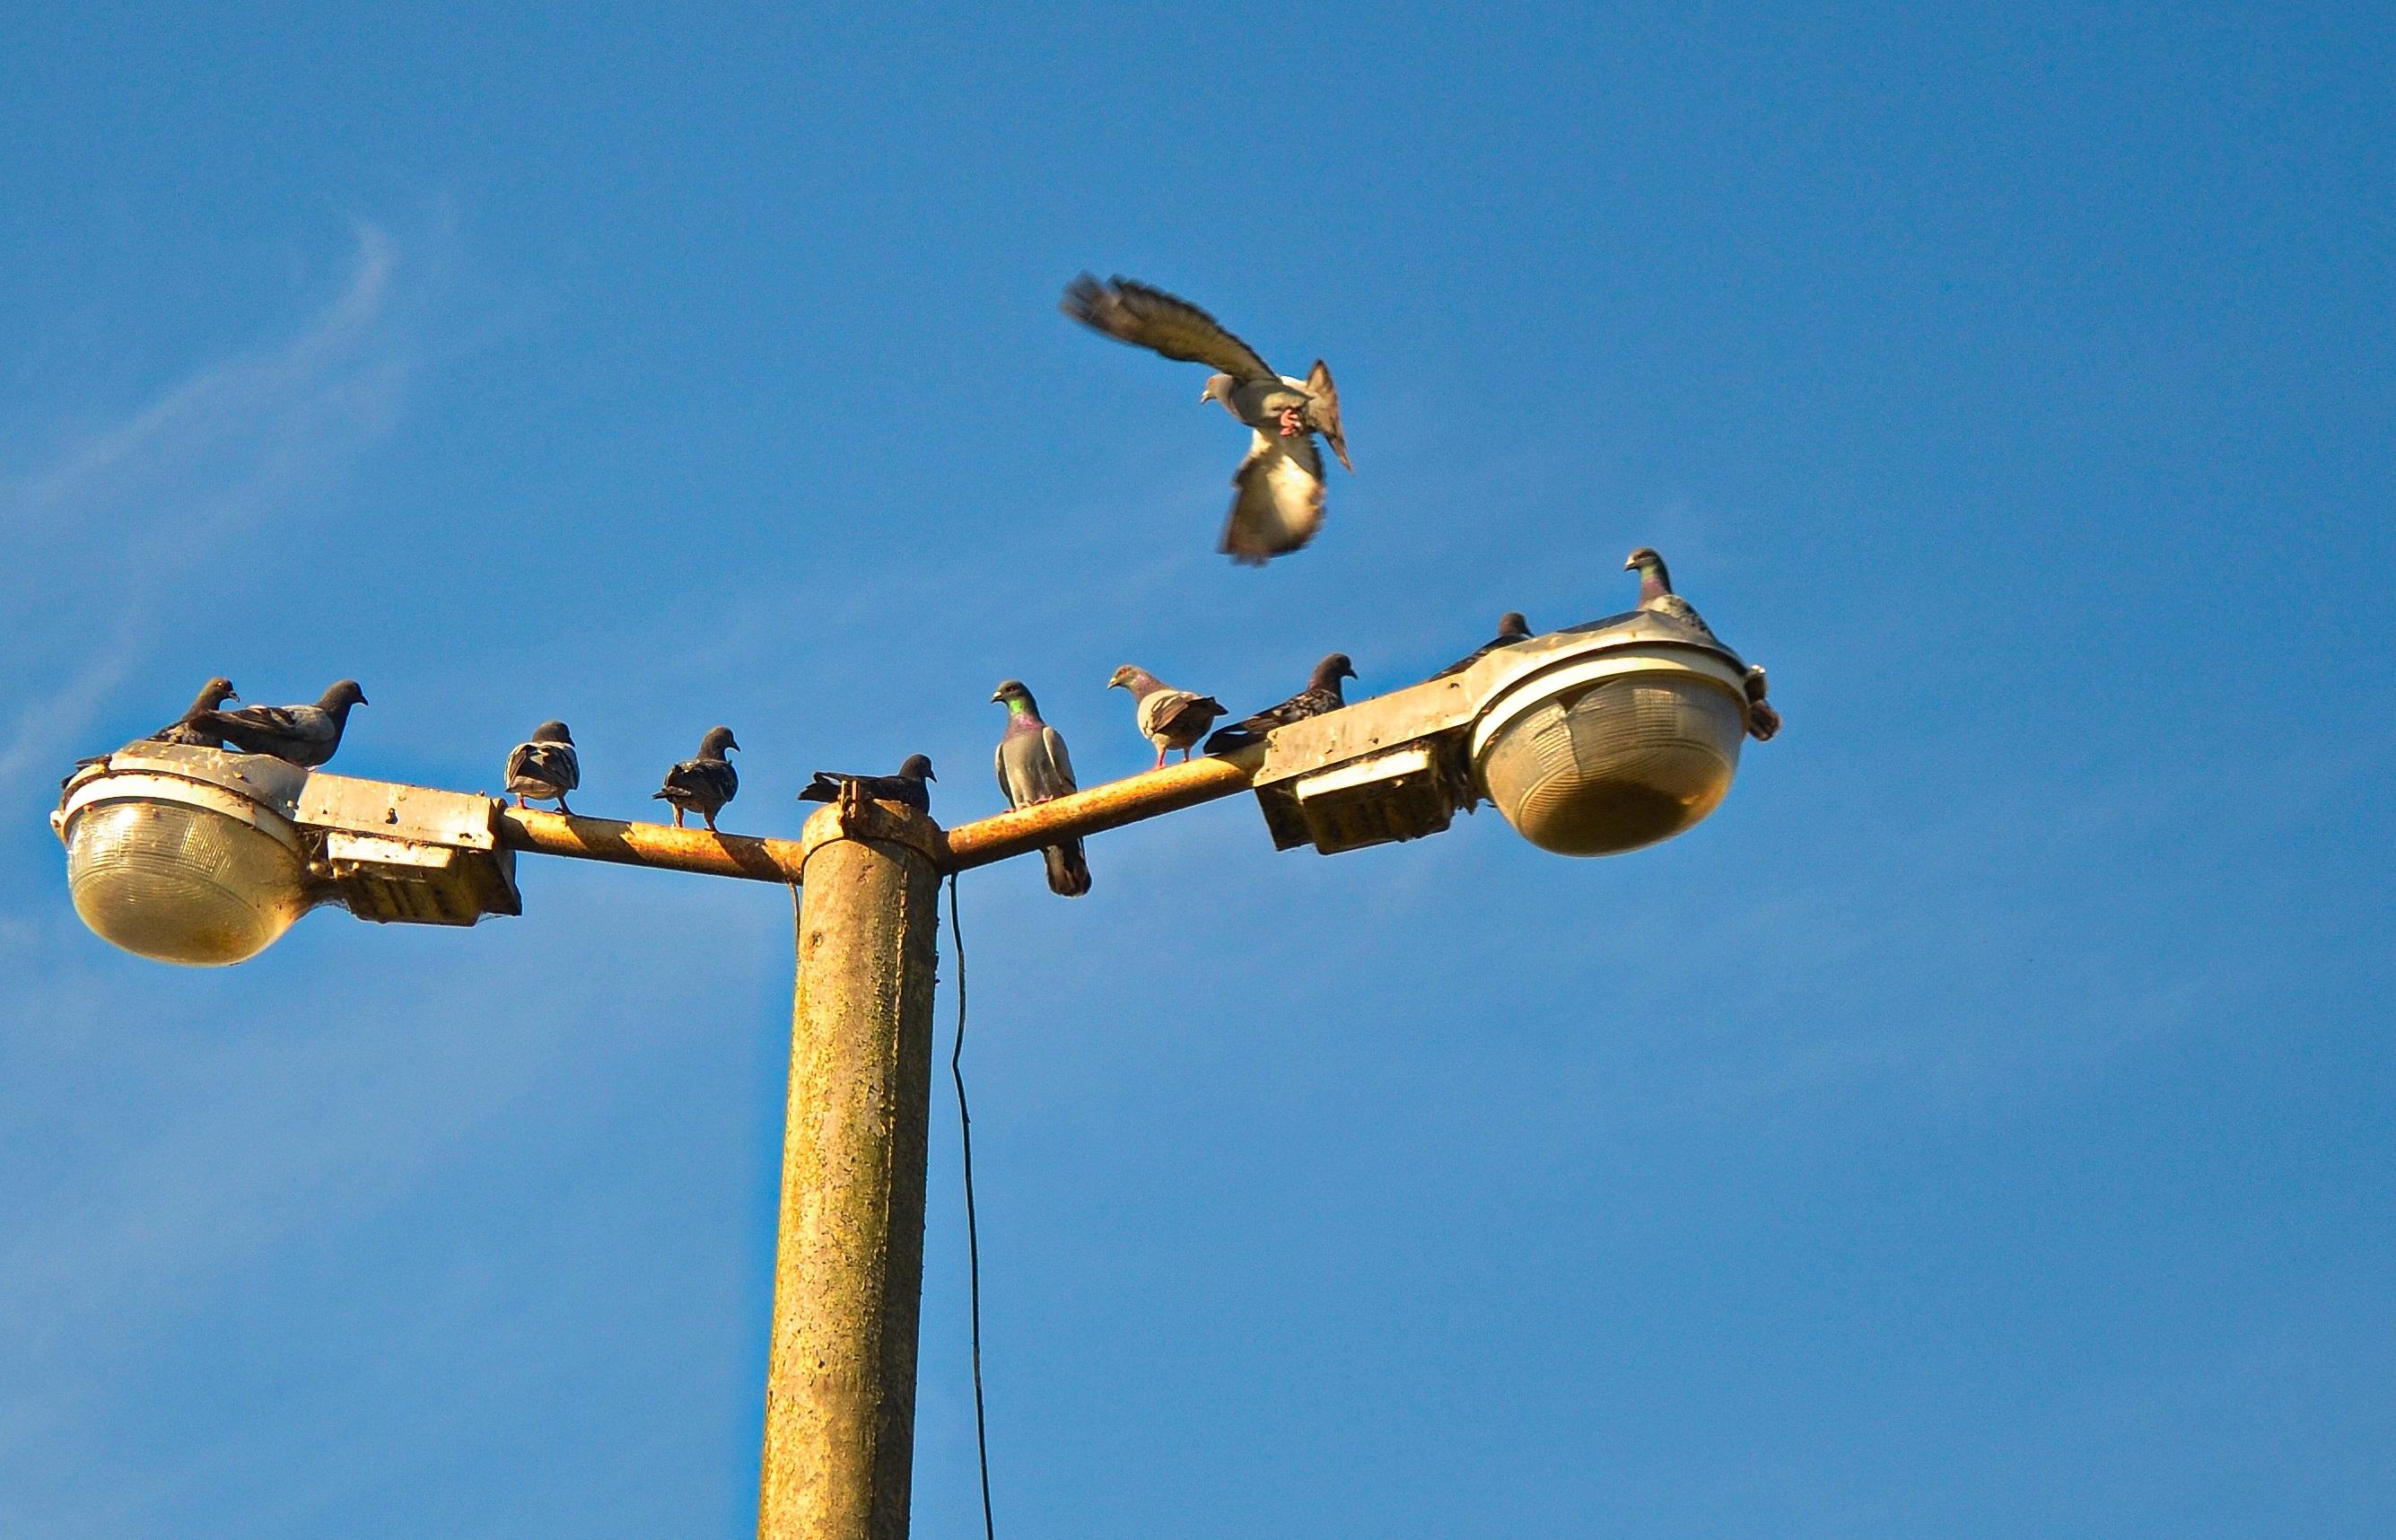 vogel hemel straat lucht wind vliegend vlucht blauw straatlantaarn vrijheid verlichting vogelstand duiven coulissen lichtpunt lichtmast